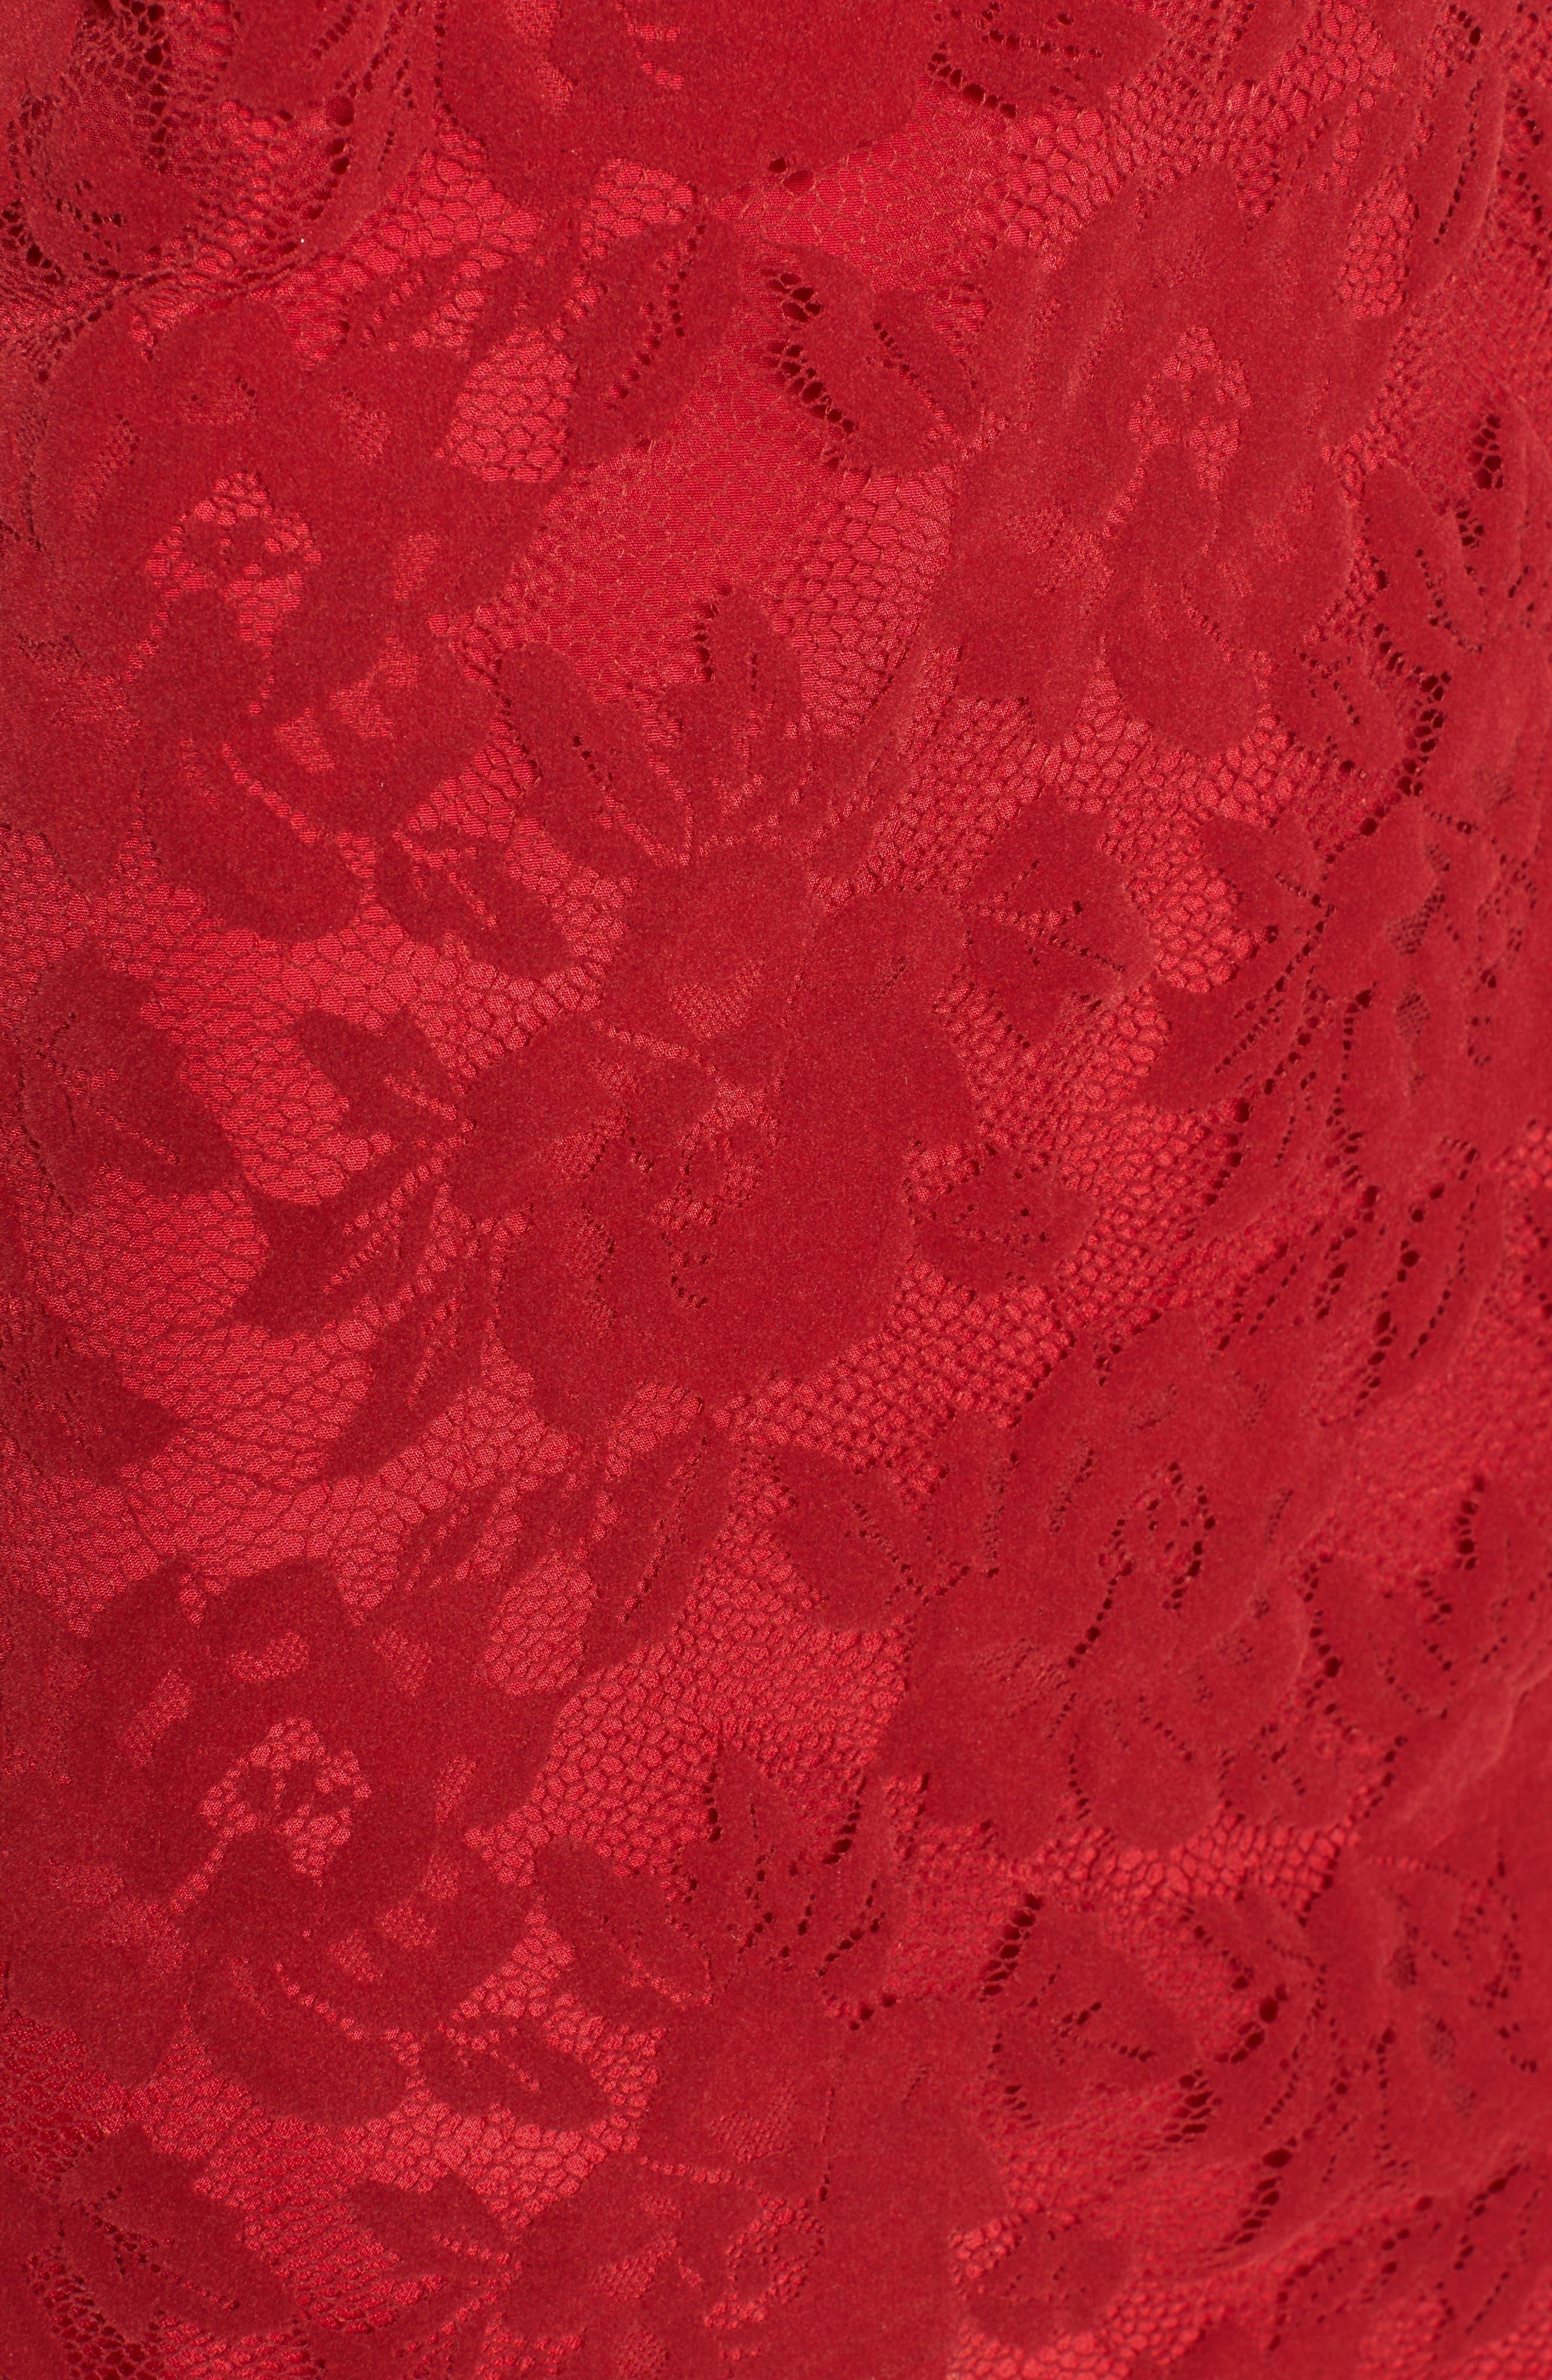 Caspian Lace Sheath Dress,                             Alternate thumbnail 5, color,                             Bordeaux